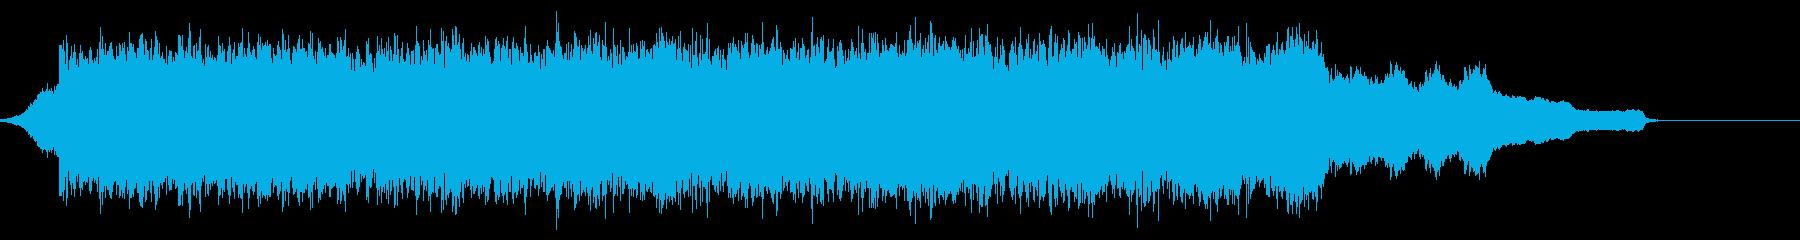 企業VP映像、119オーケストラ、爽快cの再生済みの波形